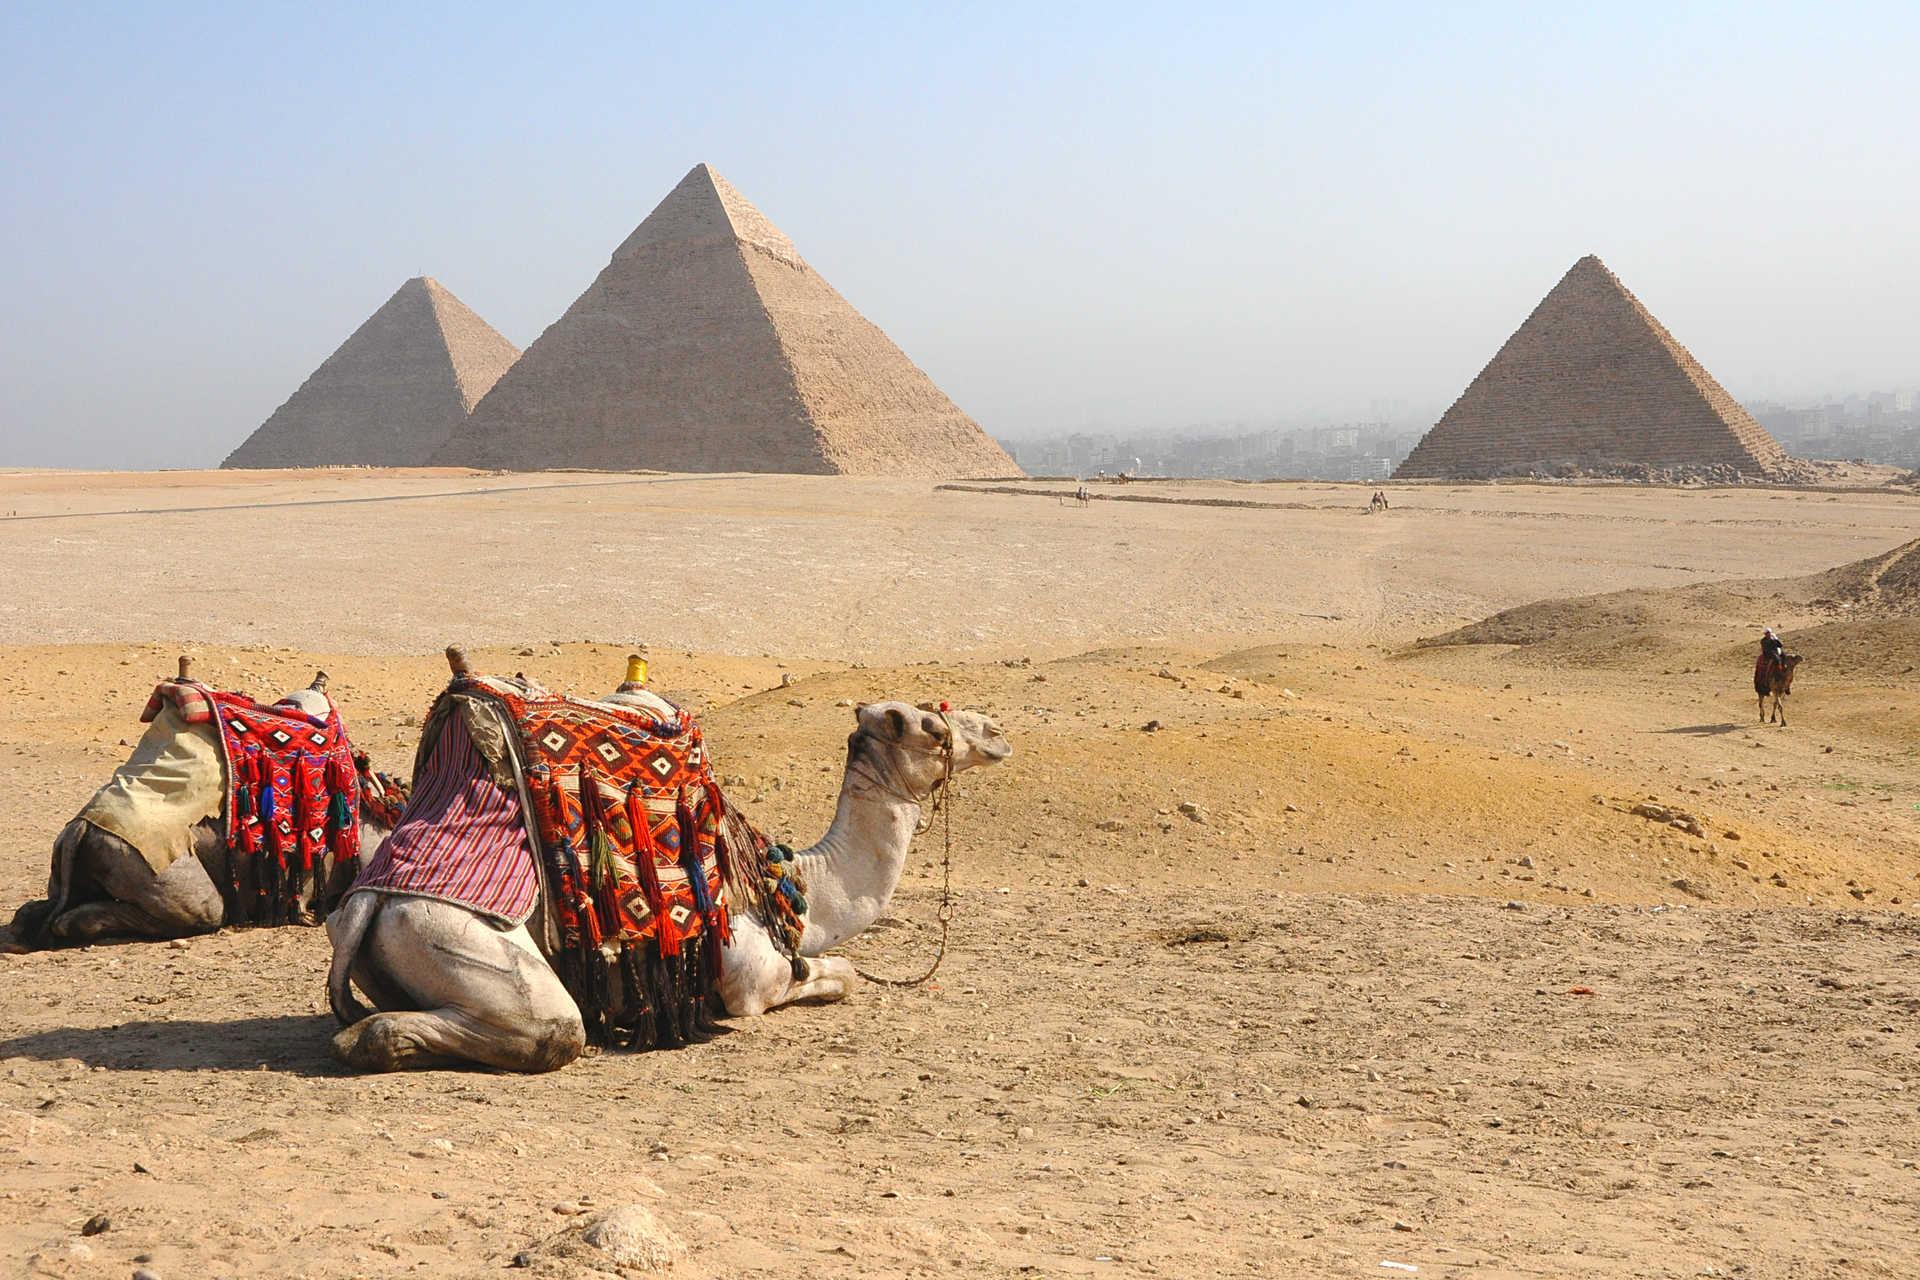 Pyramides de Gizéh